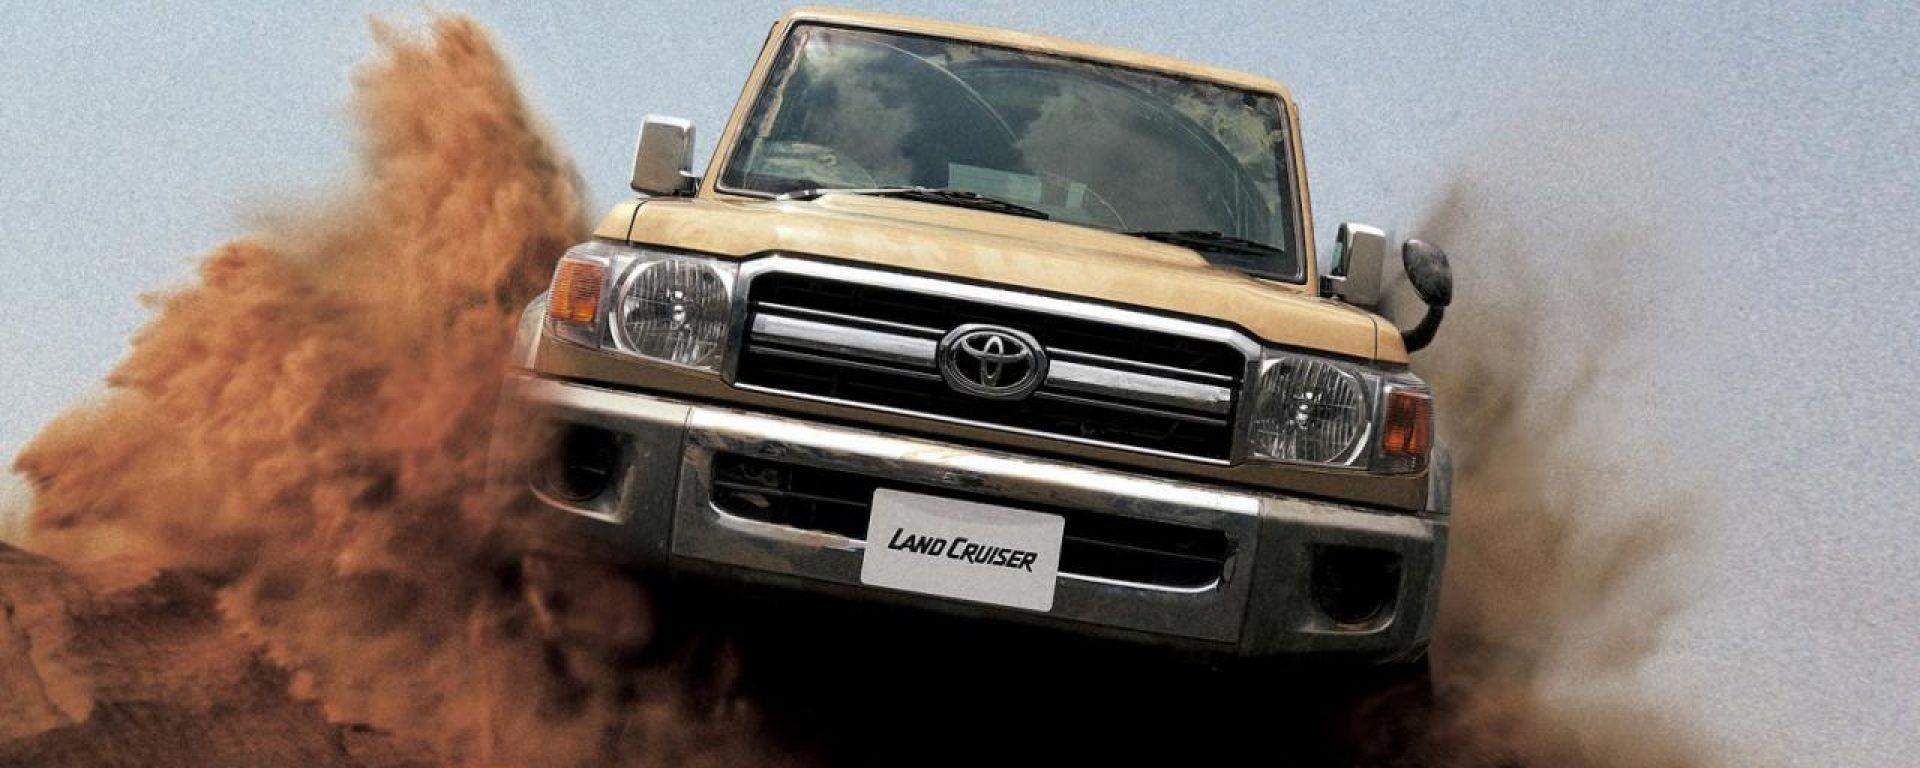 Toyota Land Cruiser 70, il ritorno